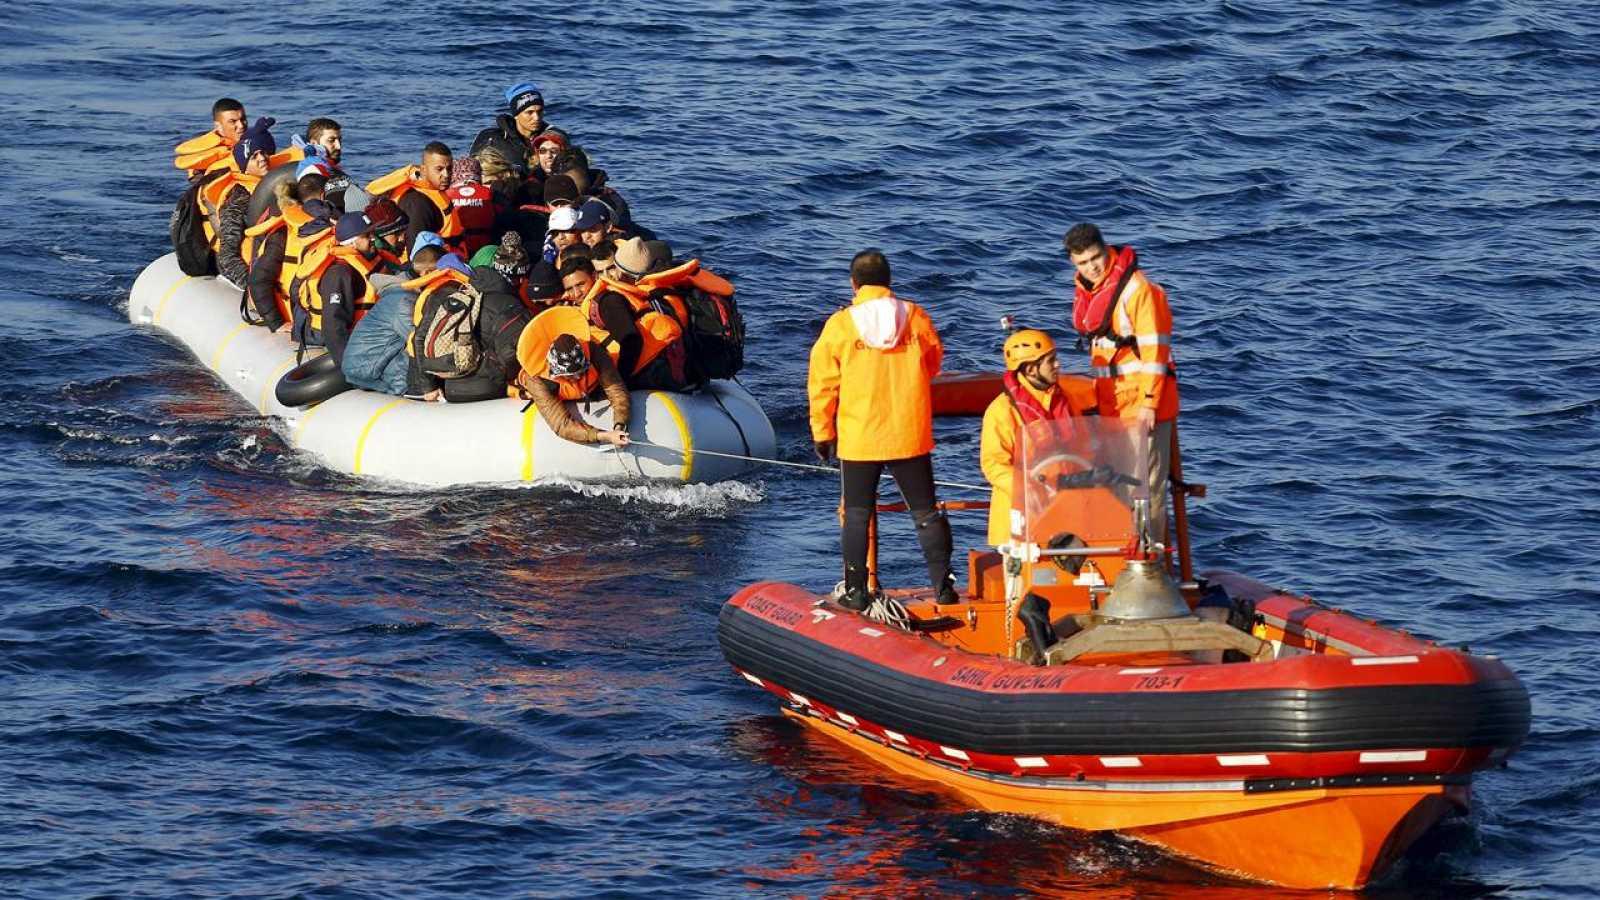 La guardia costera turca remolca hacia Turqía una embarcación con migrantes que intentaban cruzar el Egeo hacia la isla de Lesbos